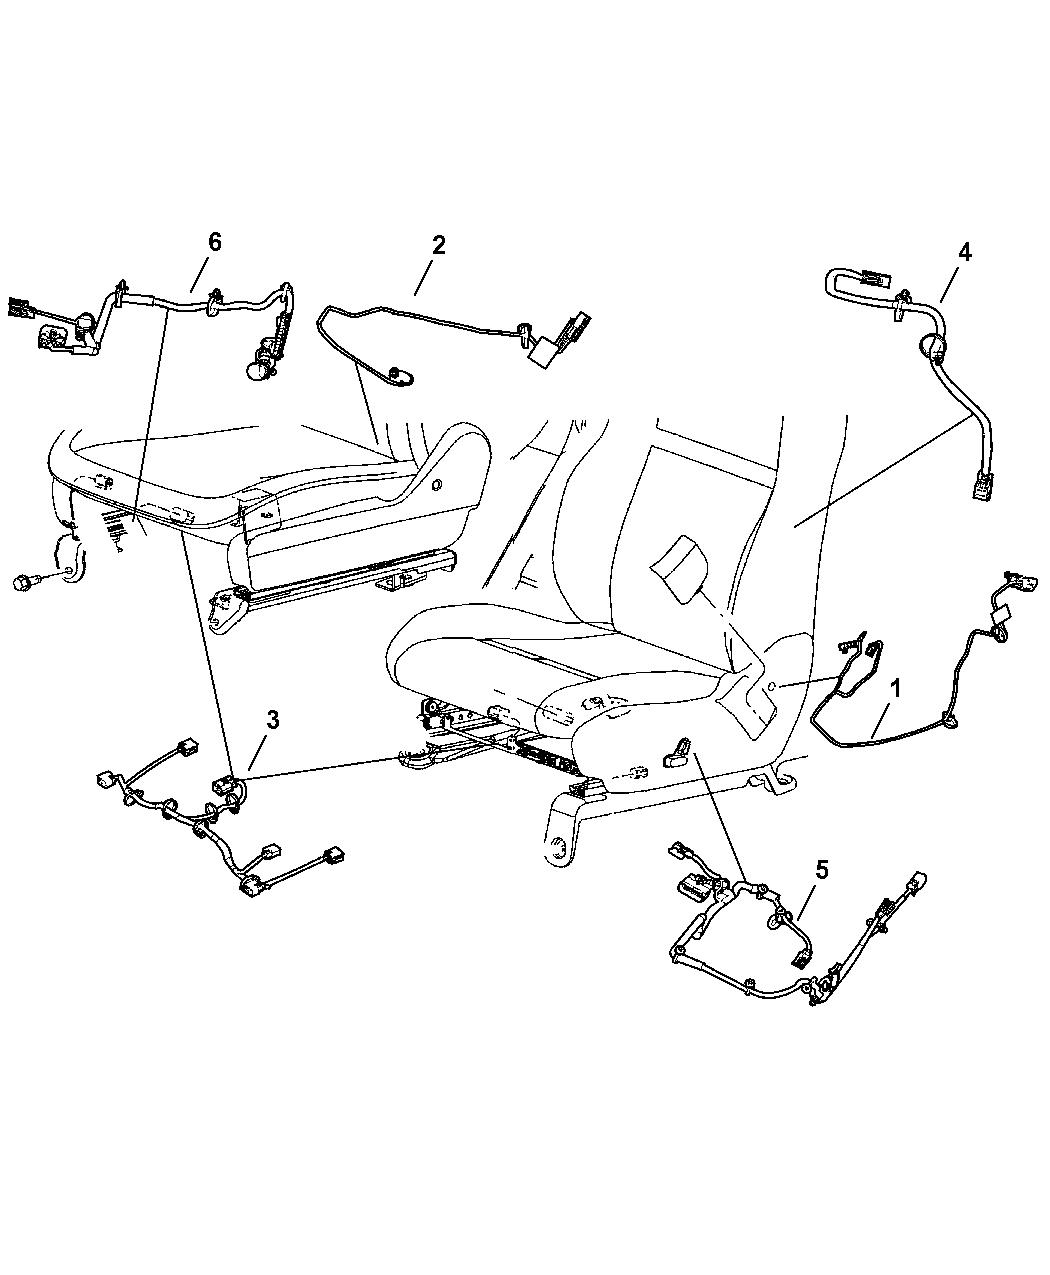 2006 Jeep Commander Wiring Seats Mopar Parts Giant Lift Gate Diagram